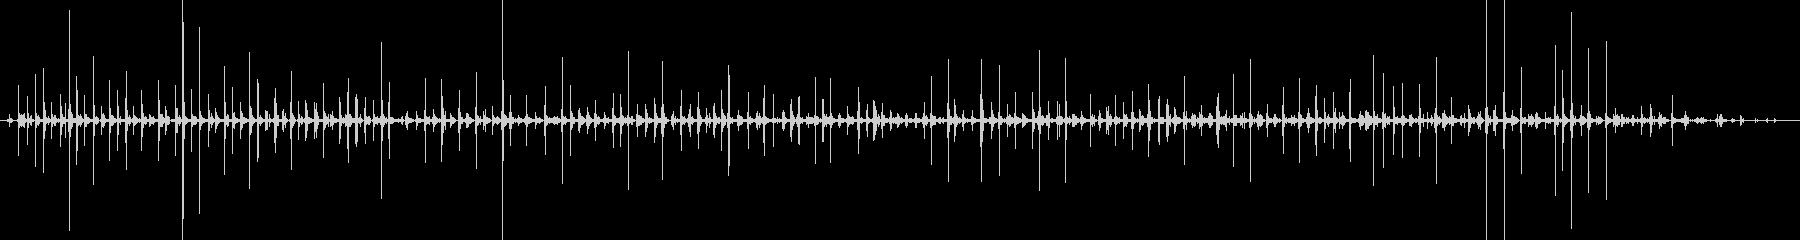 バイノーラル足音走るサンダル_右の未再生の波形